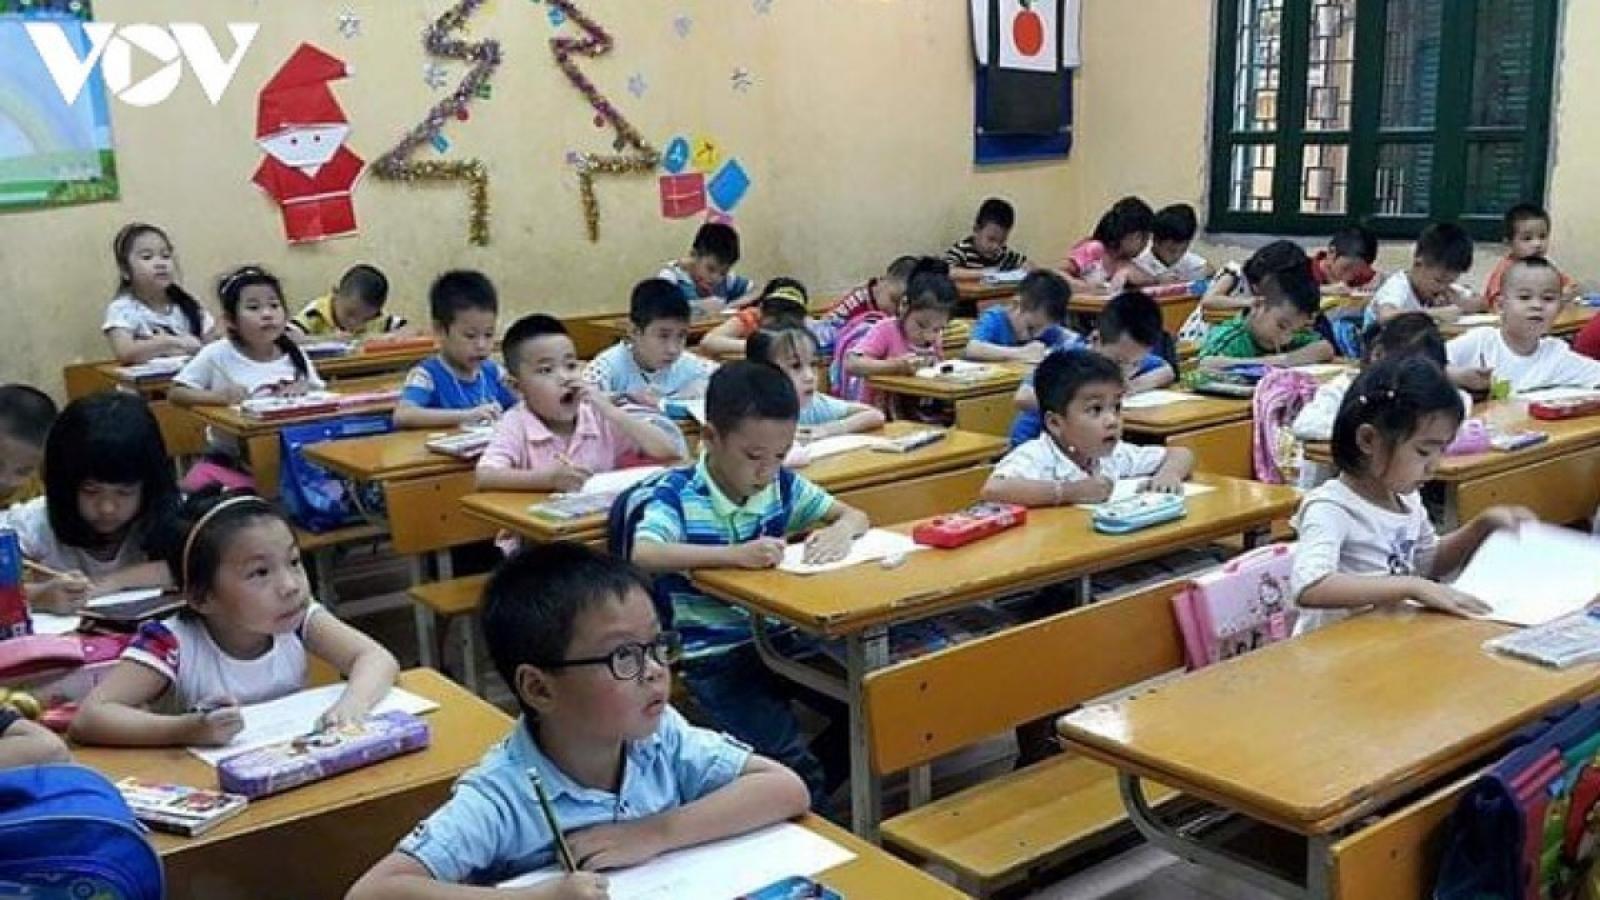 Nghiên cứu đề xuất hỗ trợ cơ sở giáo dục mầm non tư thục